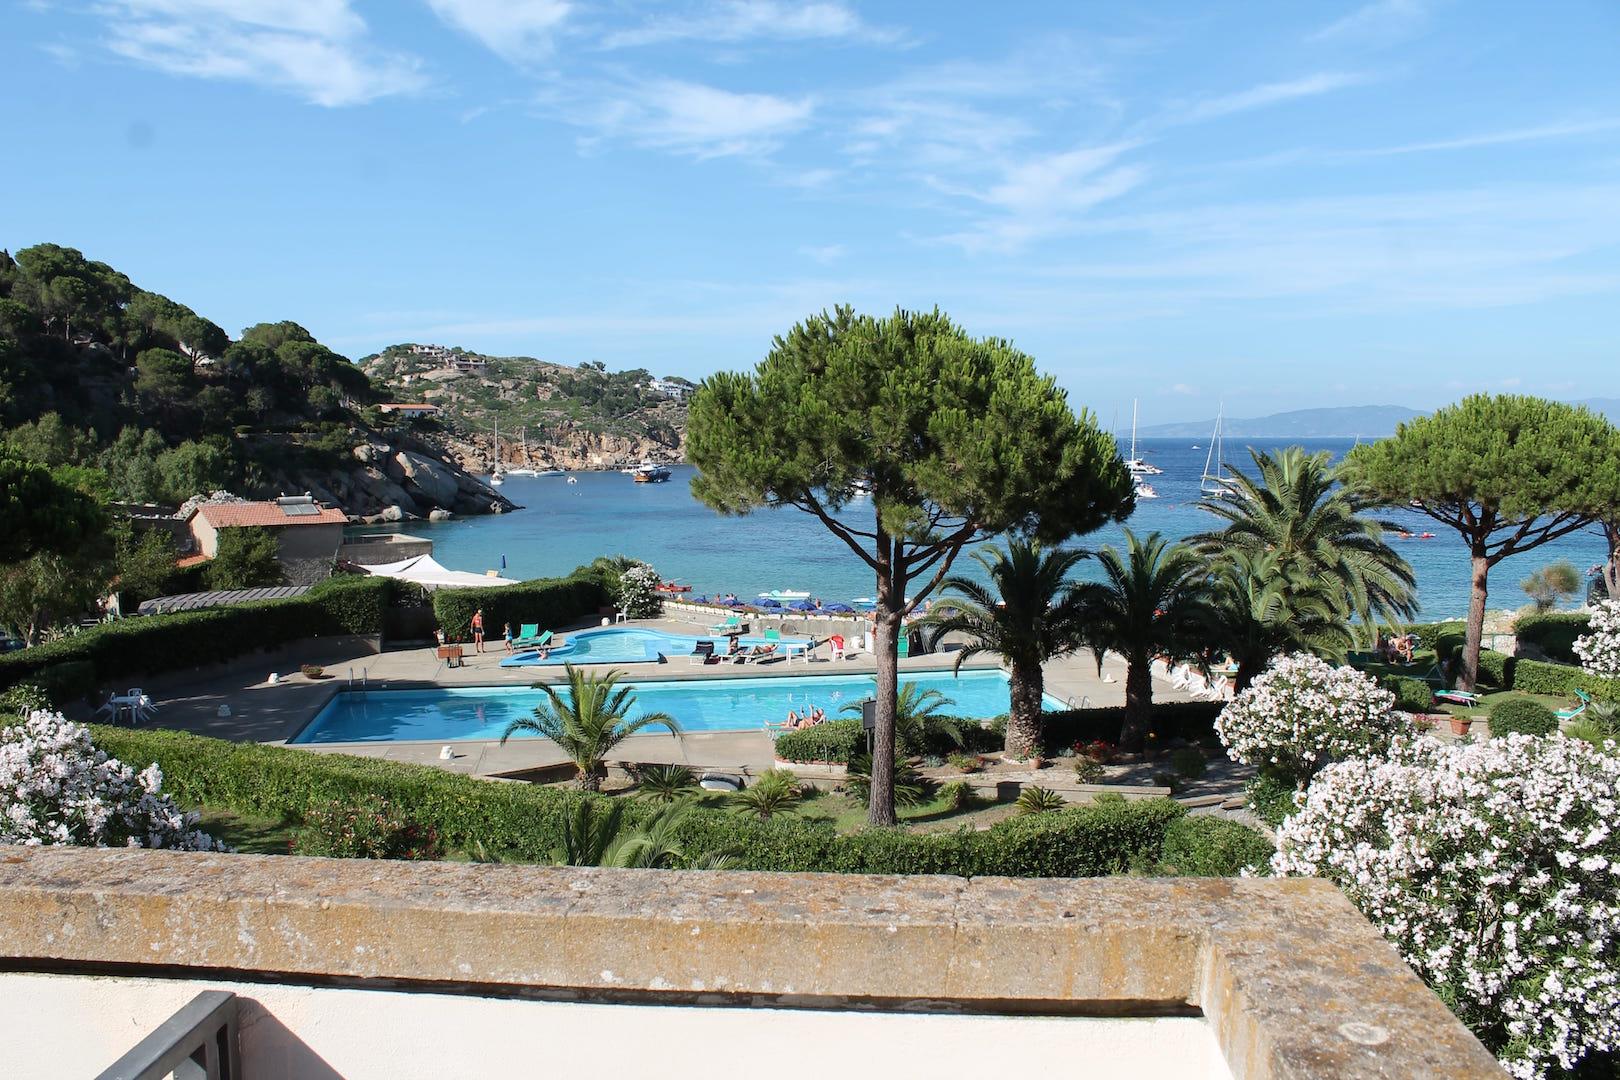 Appartamento bilocale in complesso residenziale con vista mare località Cannelle Giglio - Rif IACOTTI